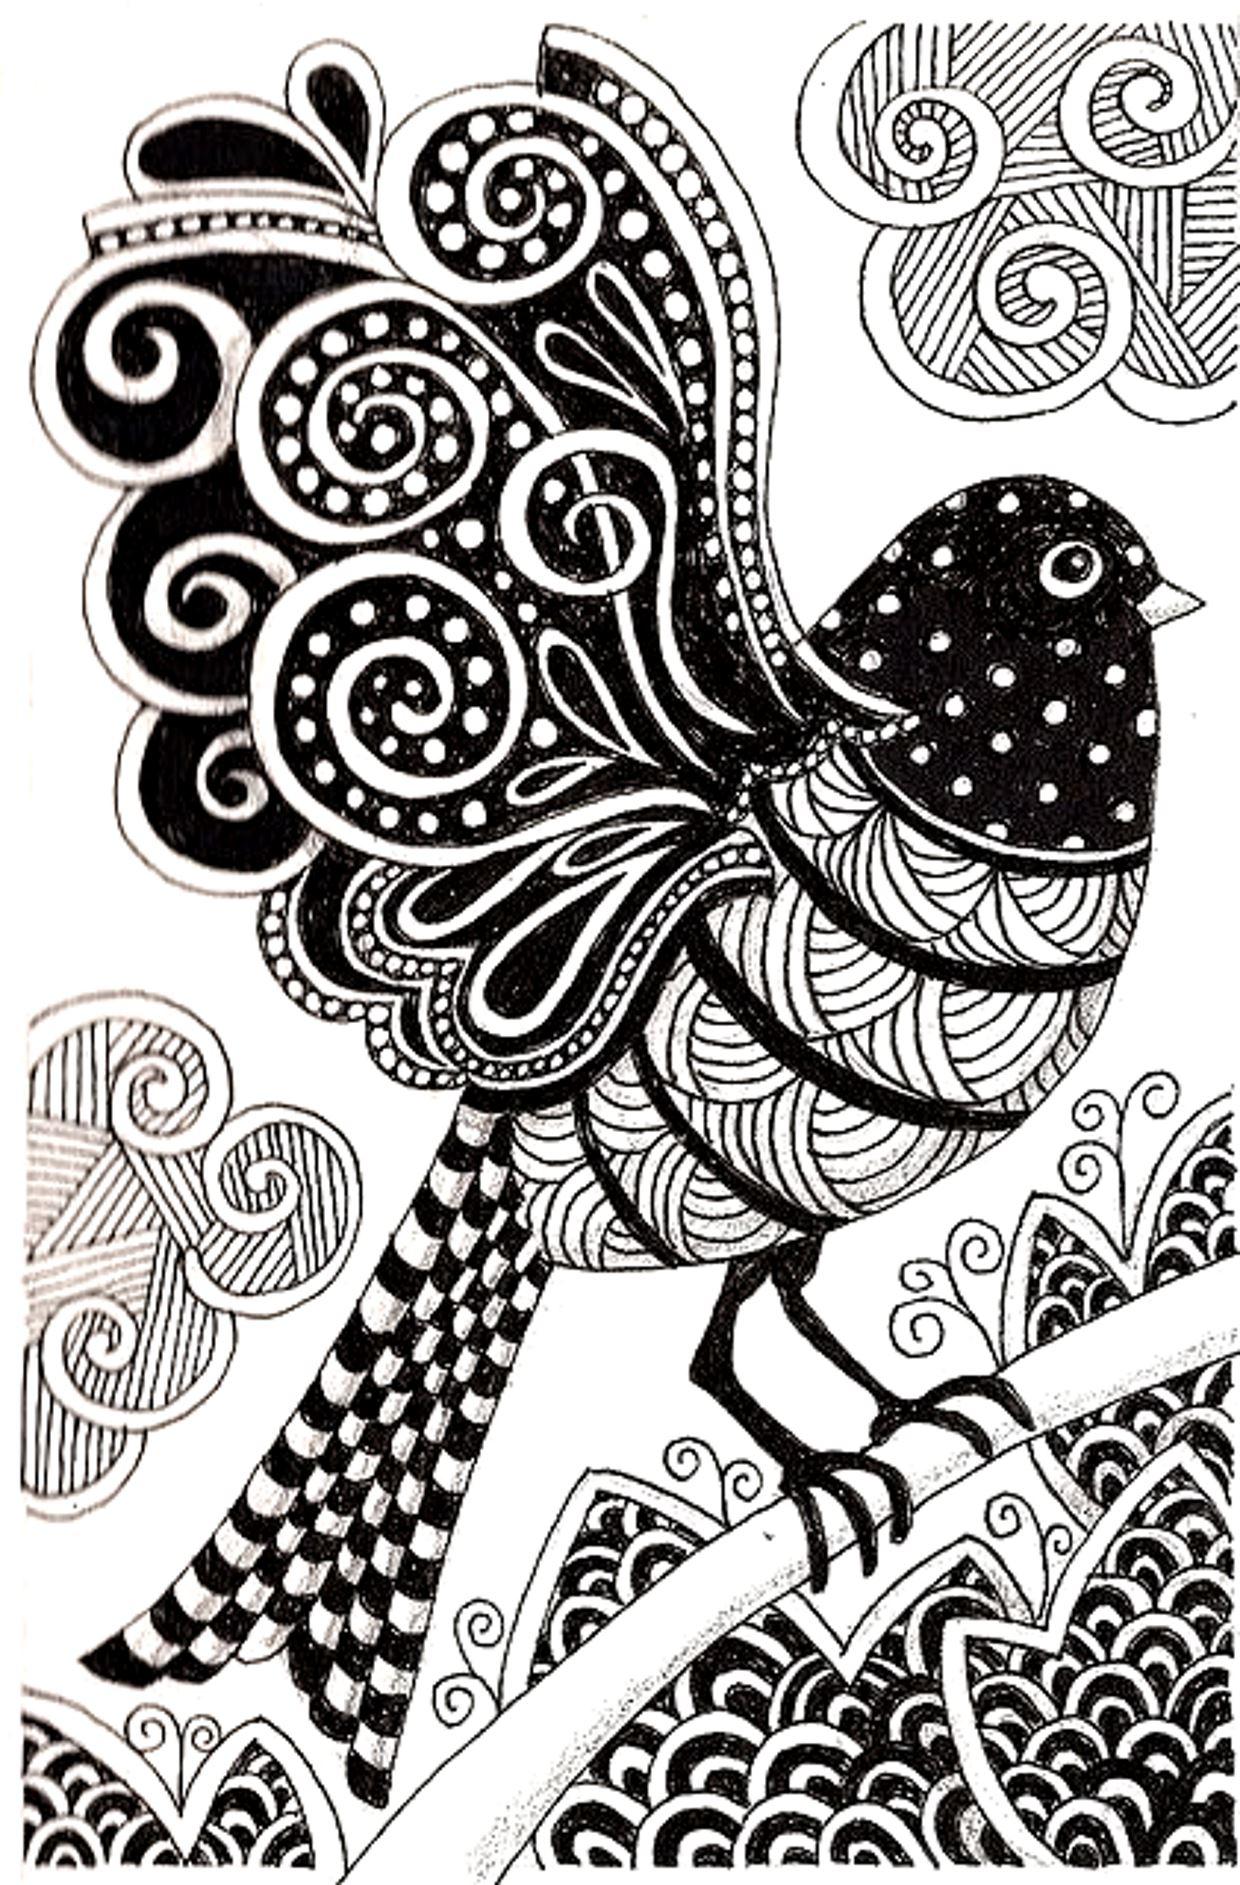 Disegni da colorare per adulti : Uccelli - 16